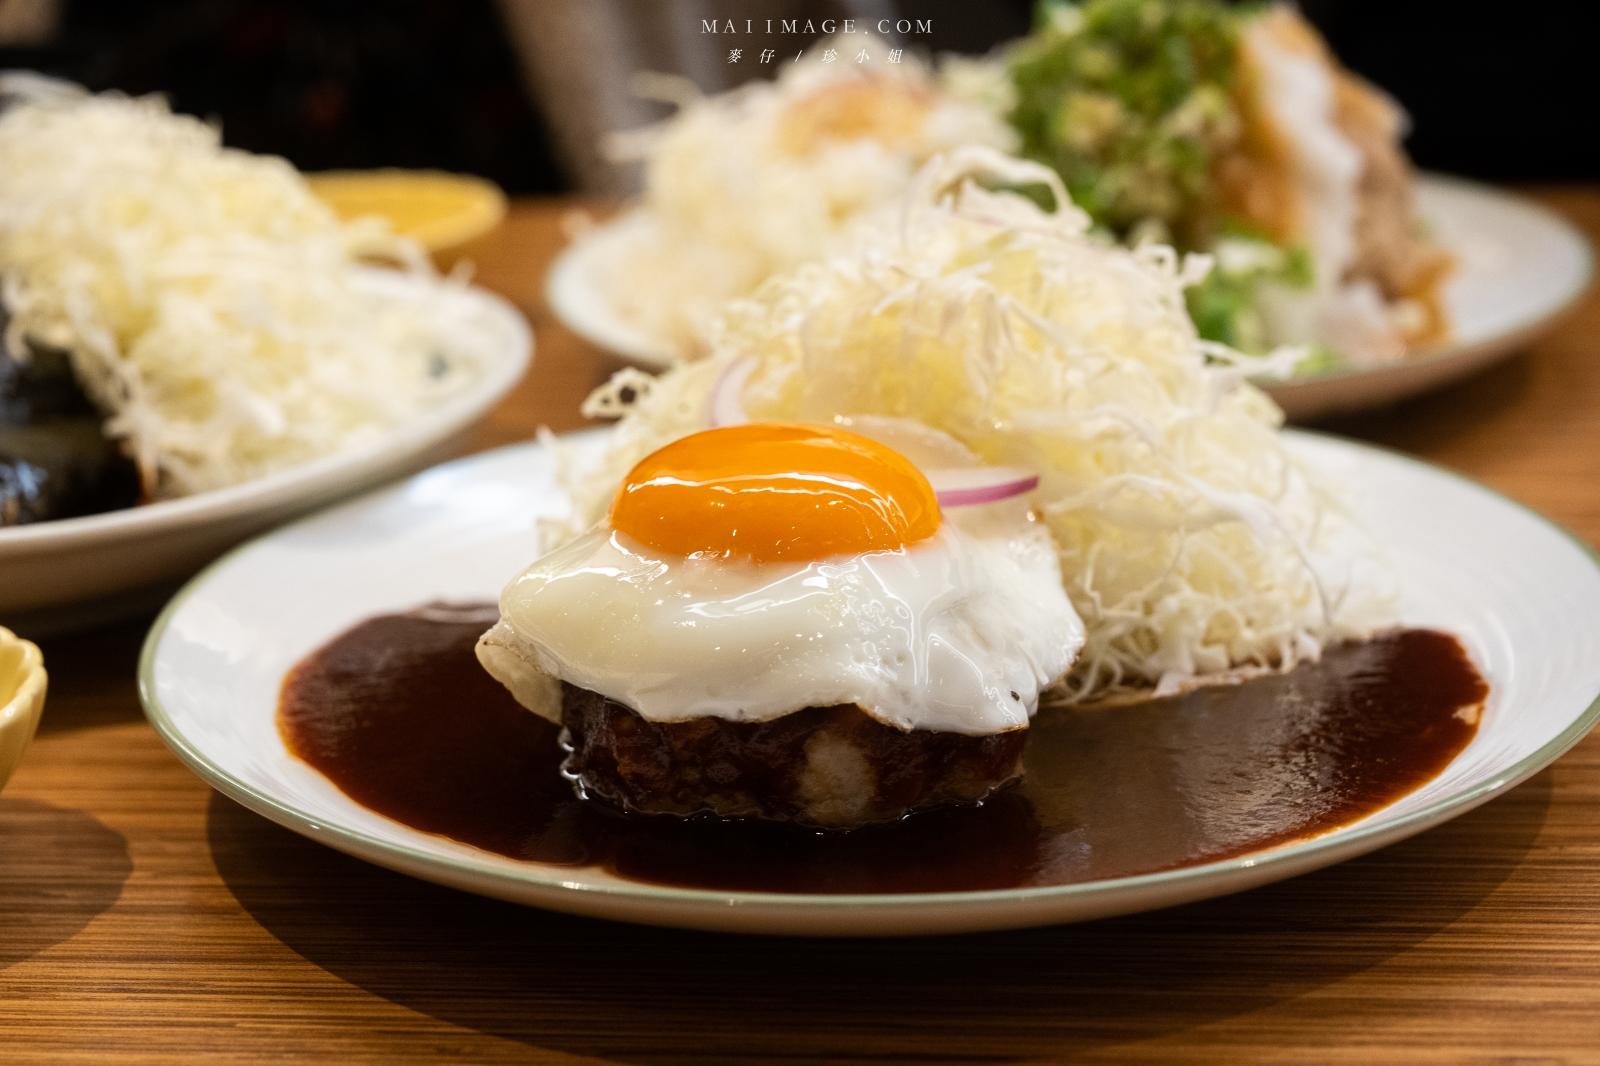 金魚虎.名古屋料理~台超爆汁漢堡肉必點、名古屋赤味噌,桃園大江購物中心美食推薦